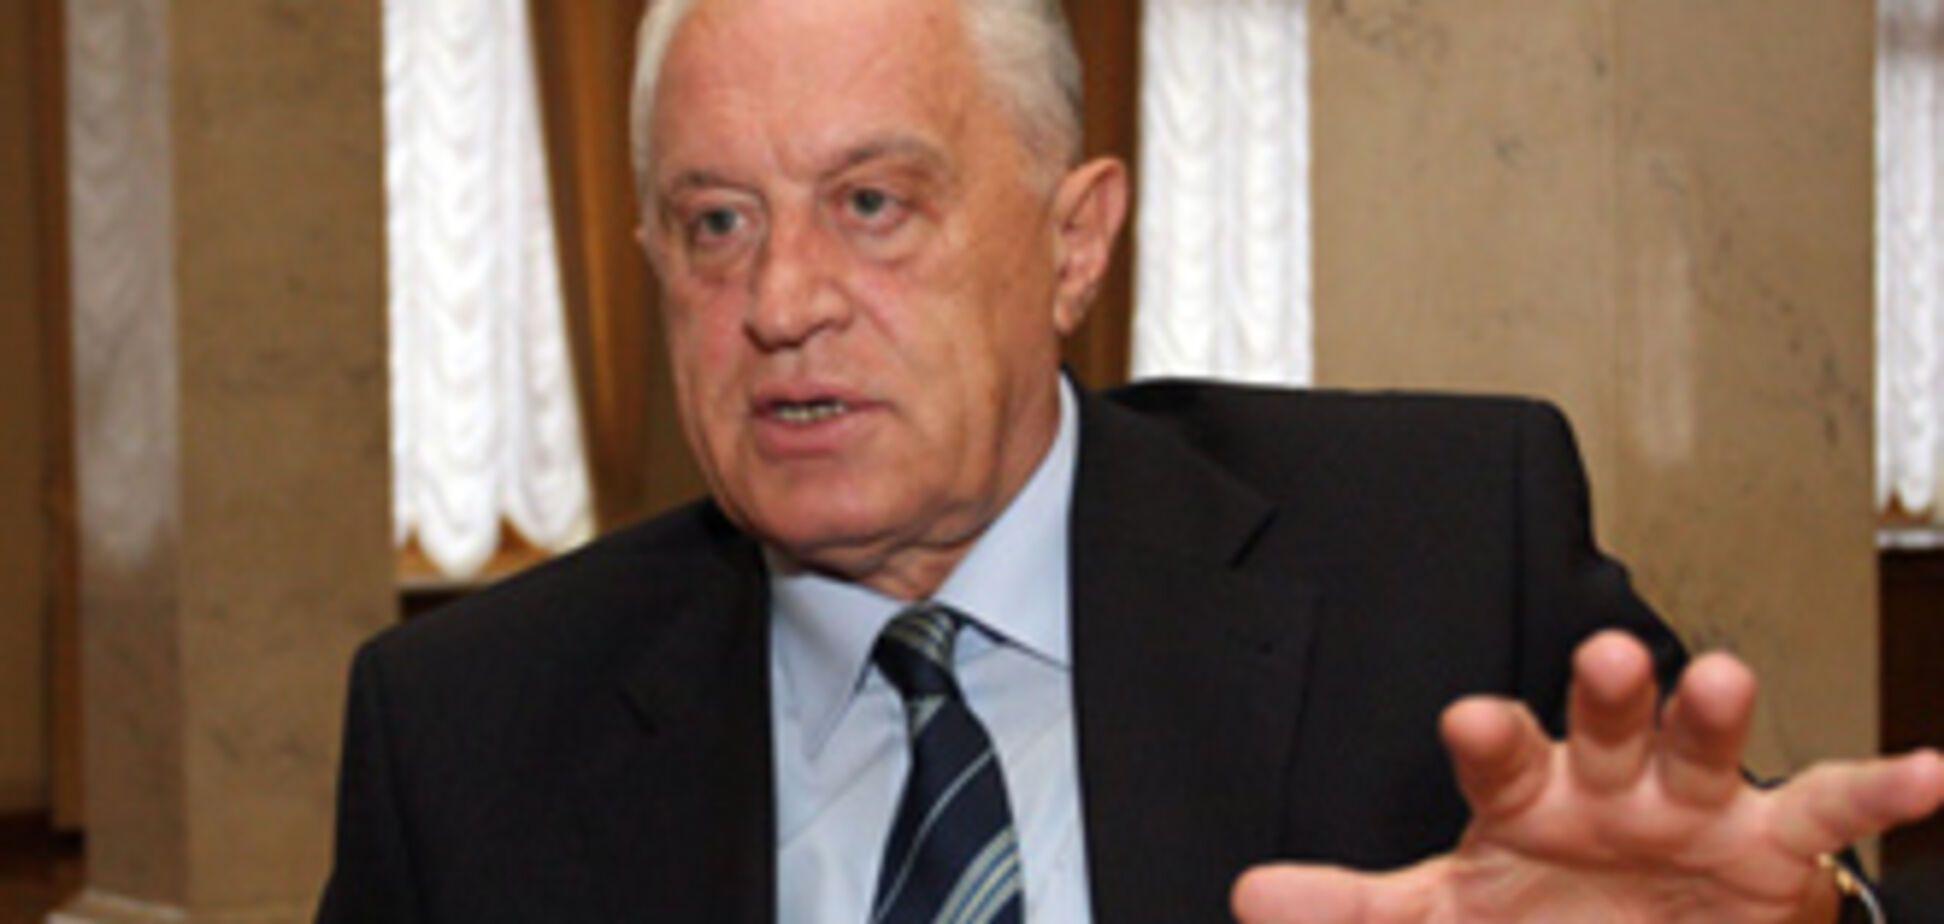 Грач закликав українців полюбити Росію